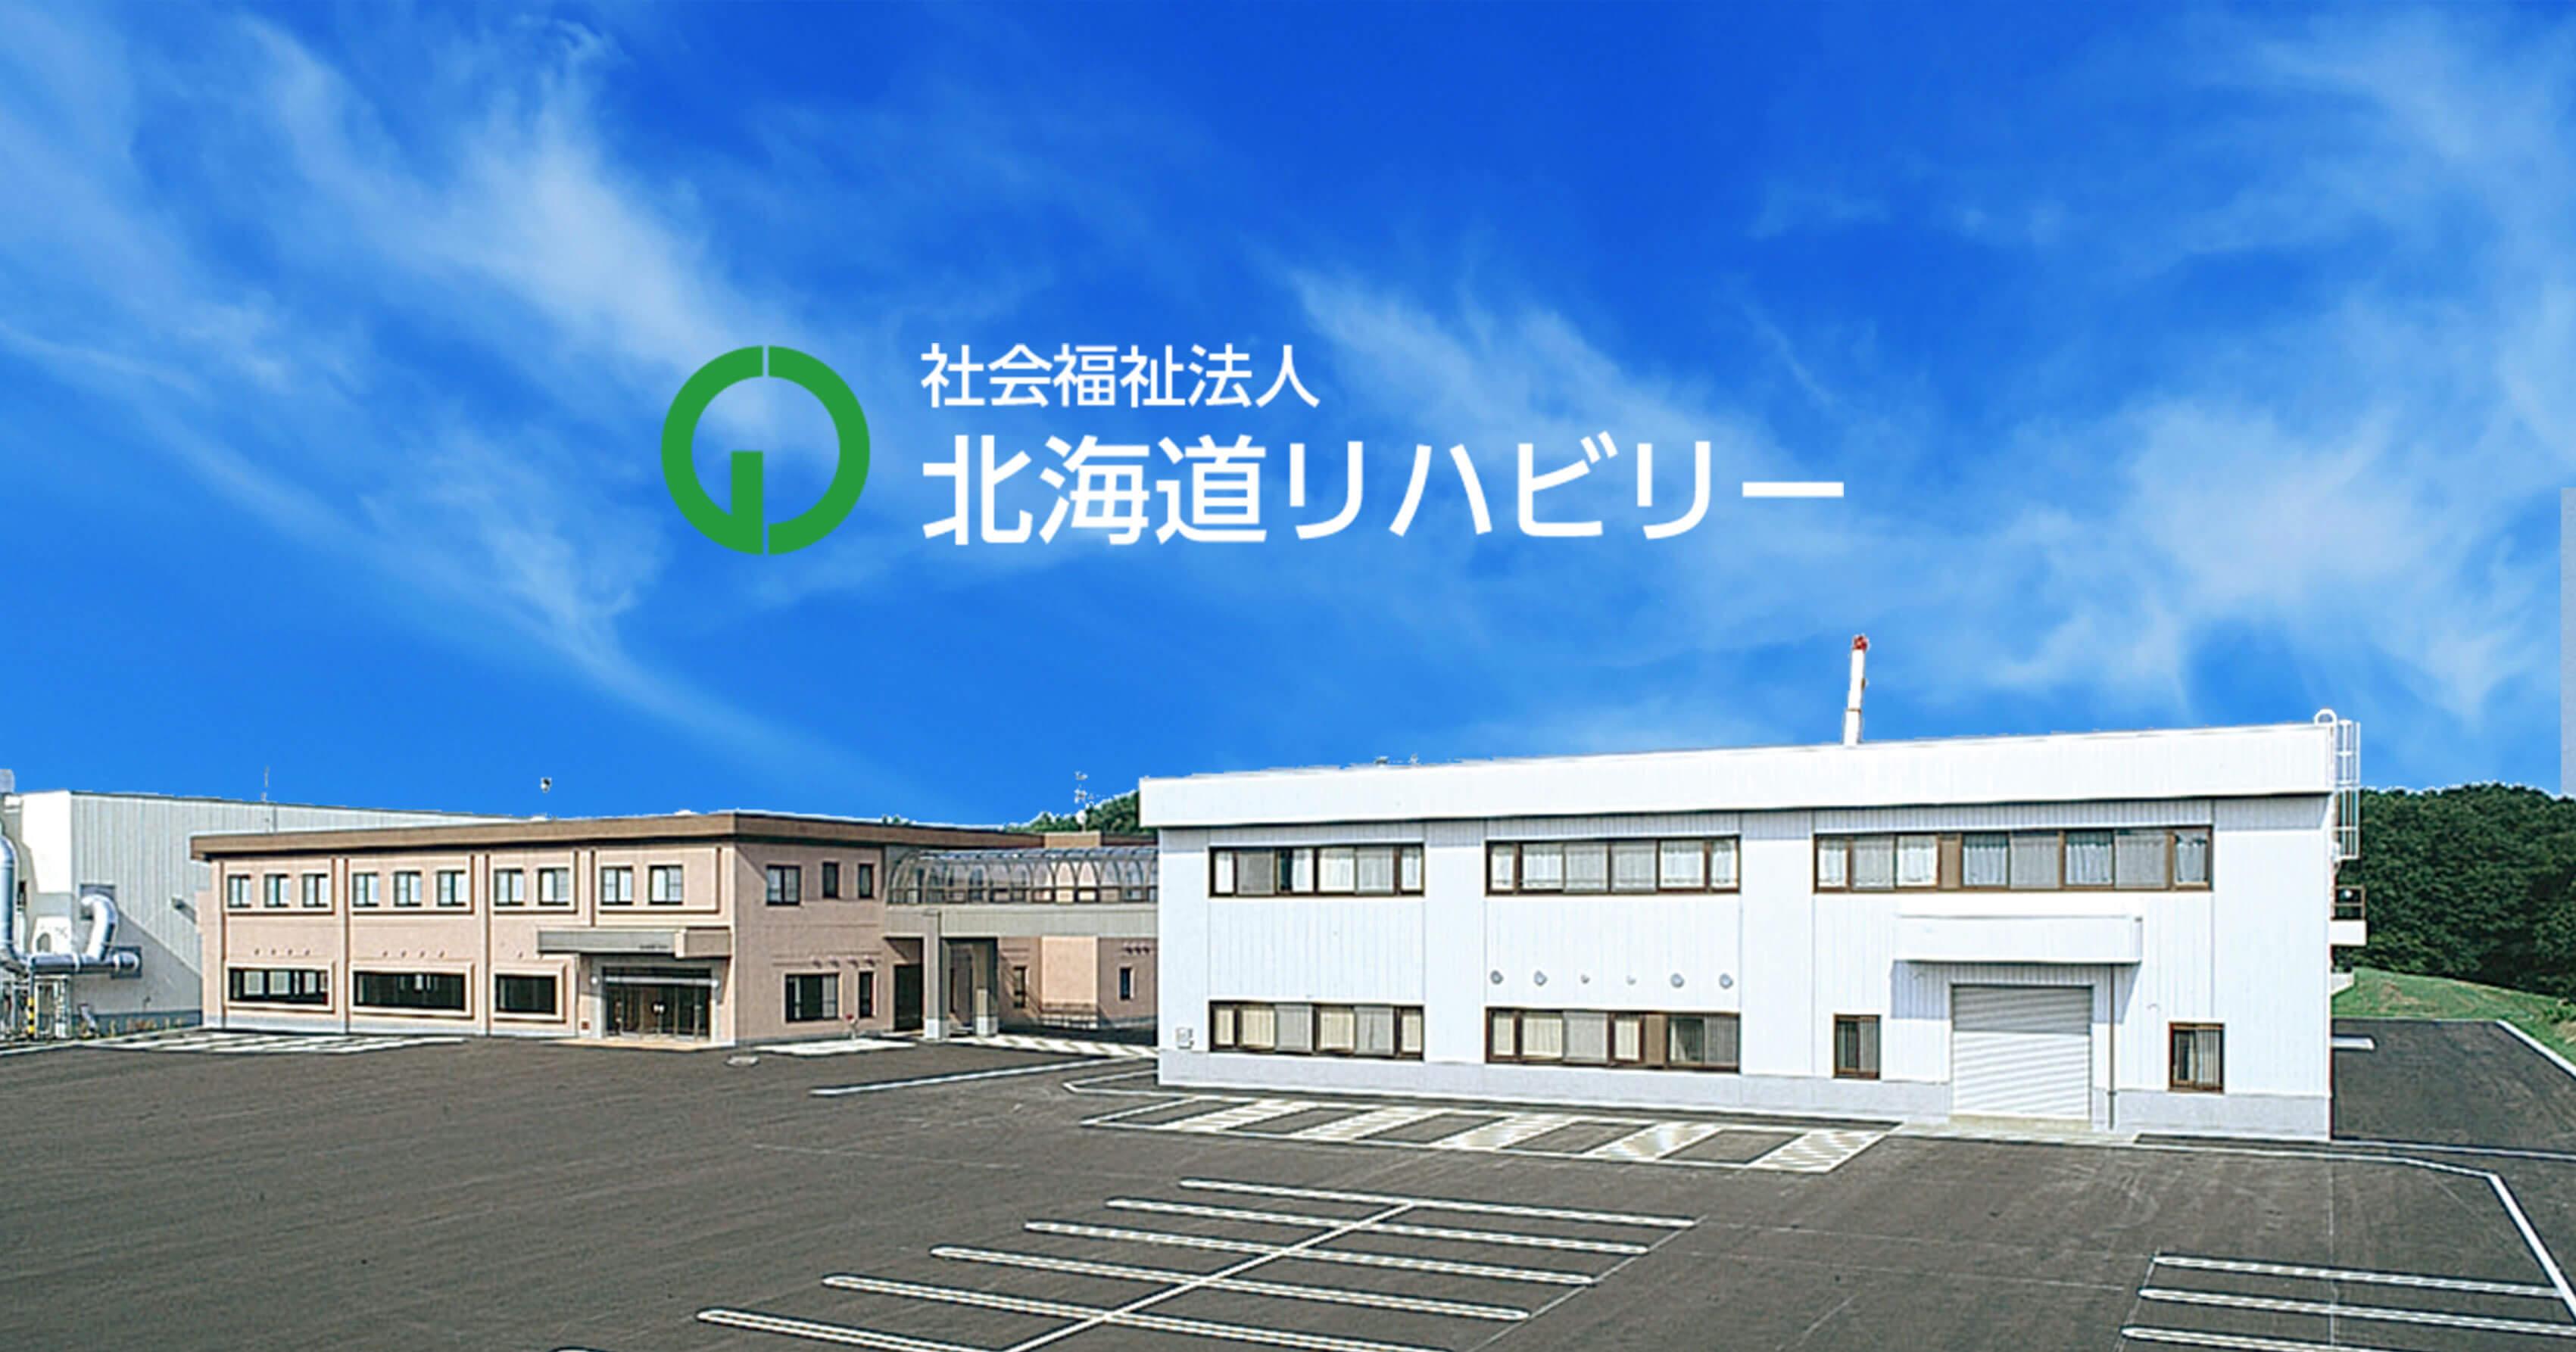 広島 市 社会 福祉 施設 コロナ